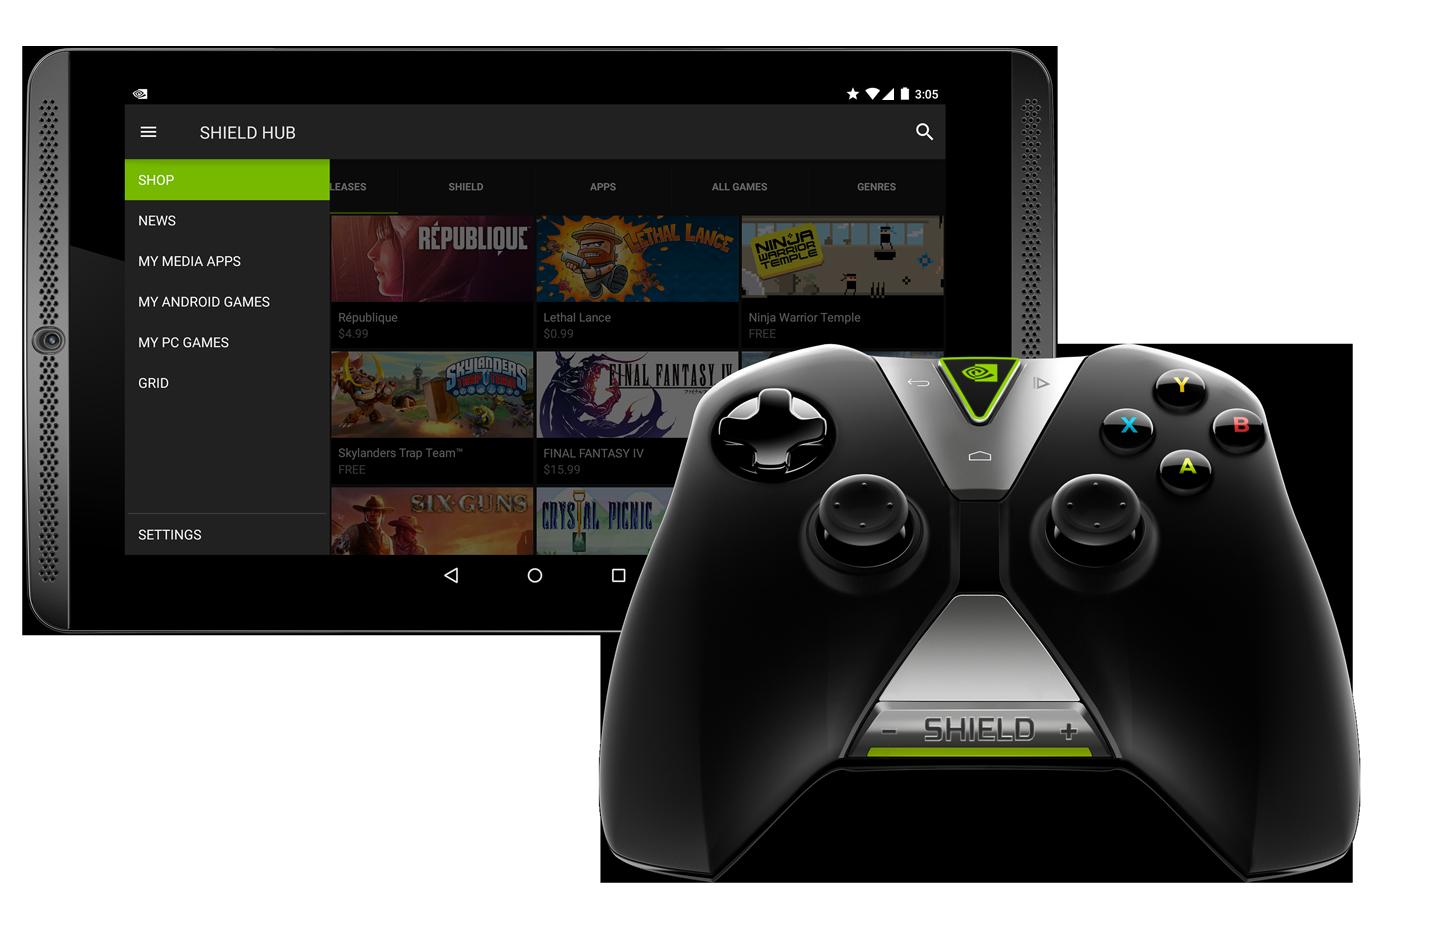 NV_SHIELD_Tablet_SHIELD_Hub_app